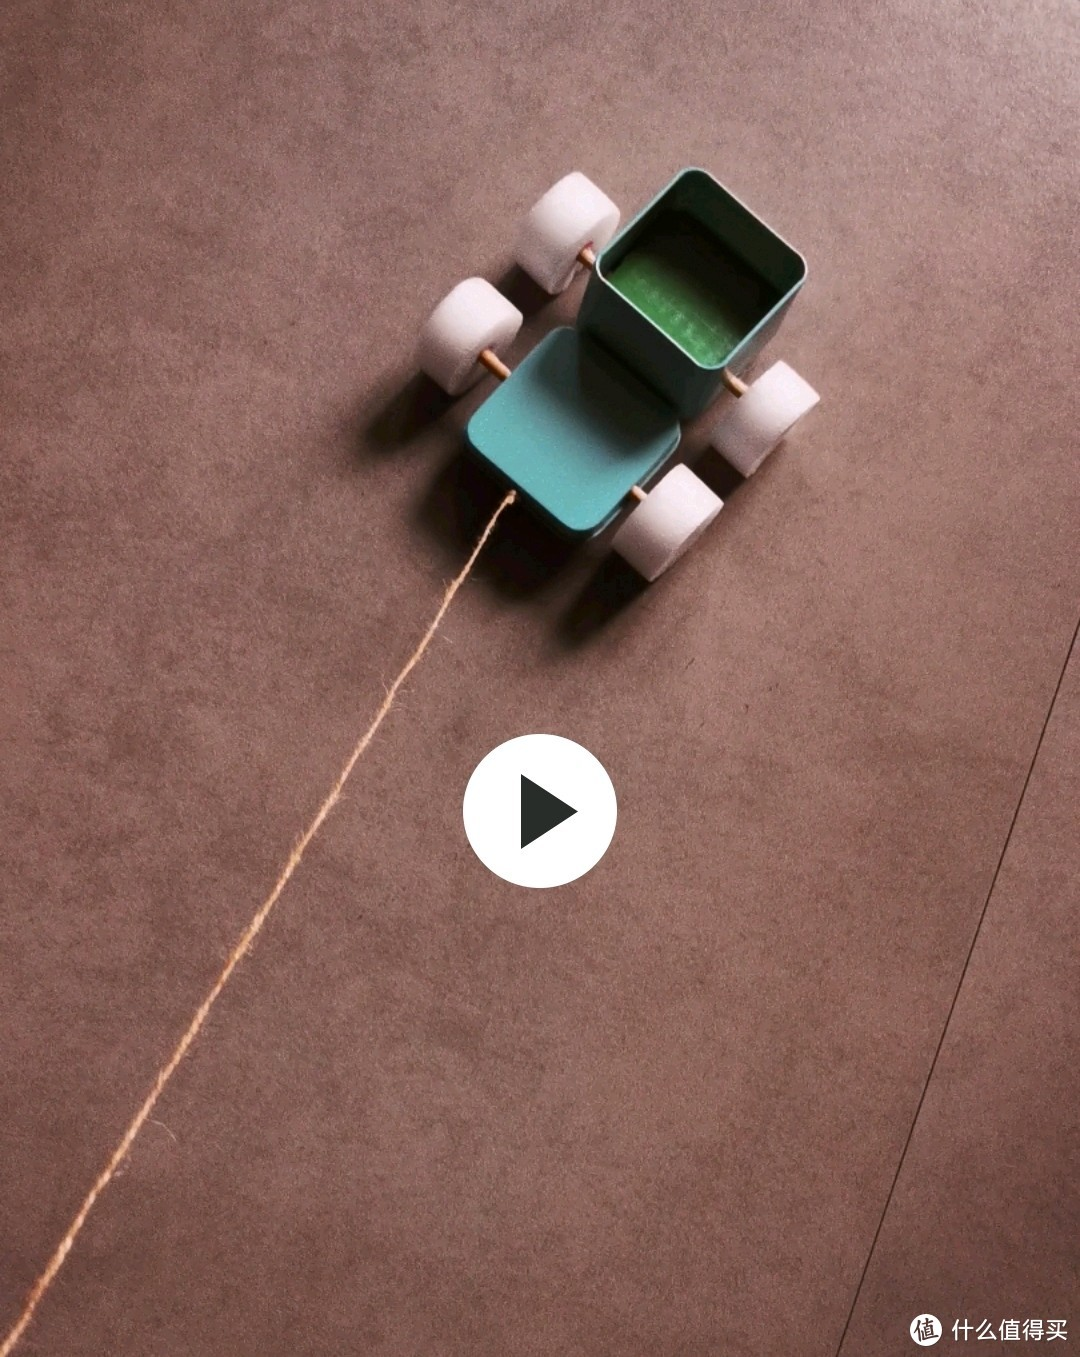 用现有的铁皮盒、竹棍子、泡沫棉做的小货车